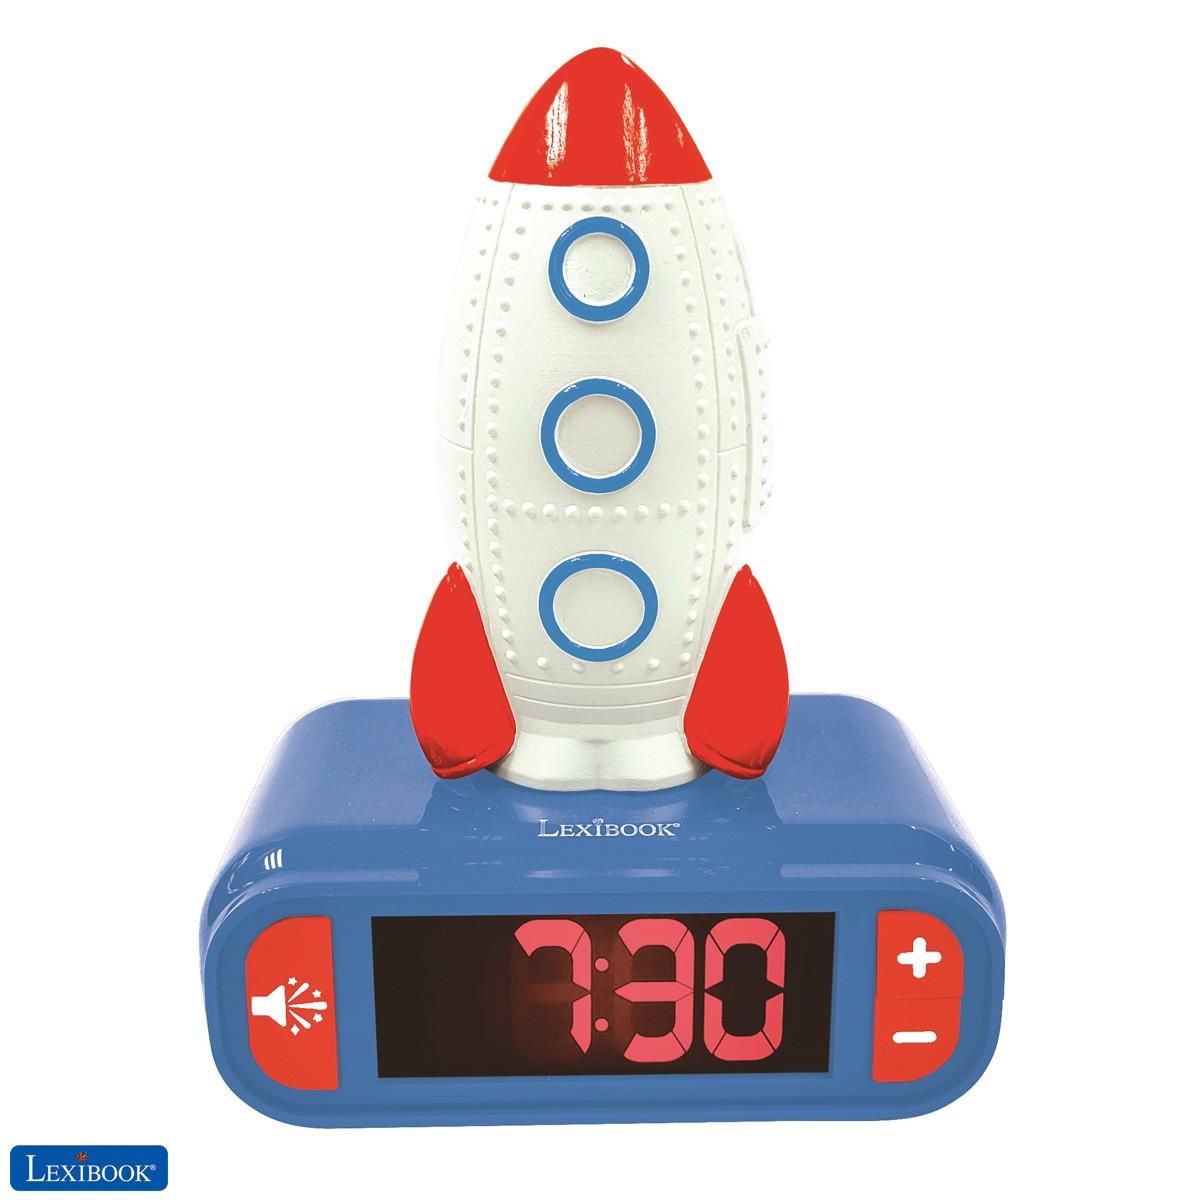 Despertador Cohete con pantalla LCD digital y luz de noche integrada